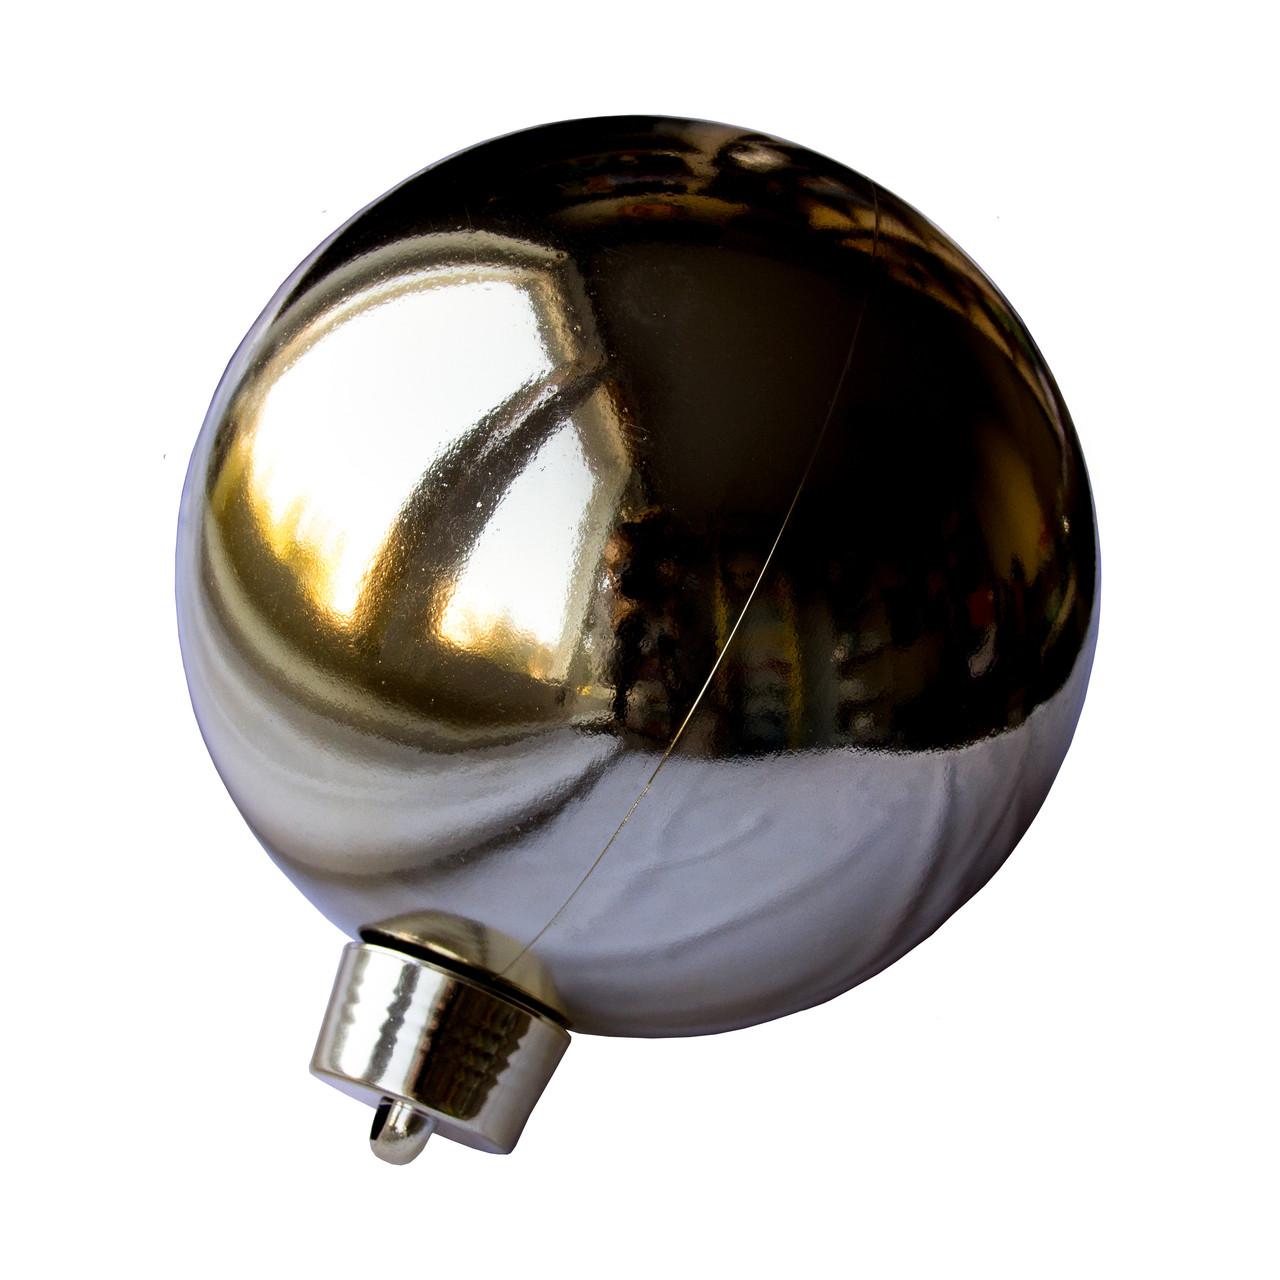 Большая елочная игрушка - шар, 20 см, пластик, золотистый (034017)